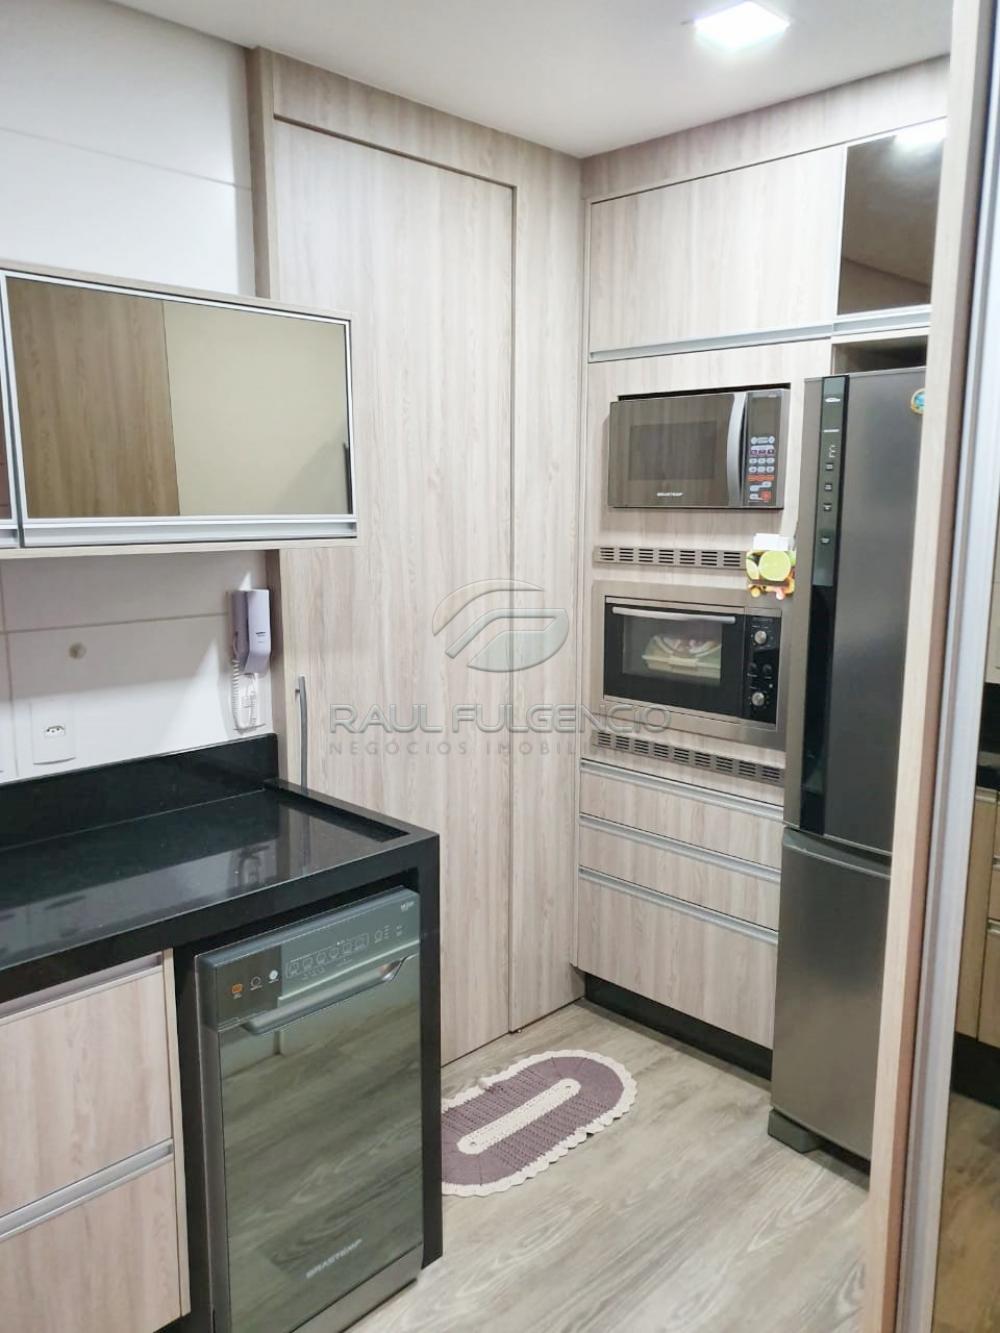 Comprar Apartamento / Padrão em Londrina apenas R$ 800.000,00 - Foto 8